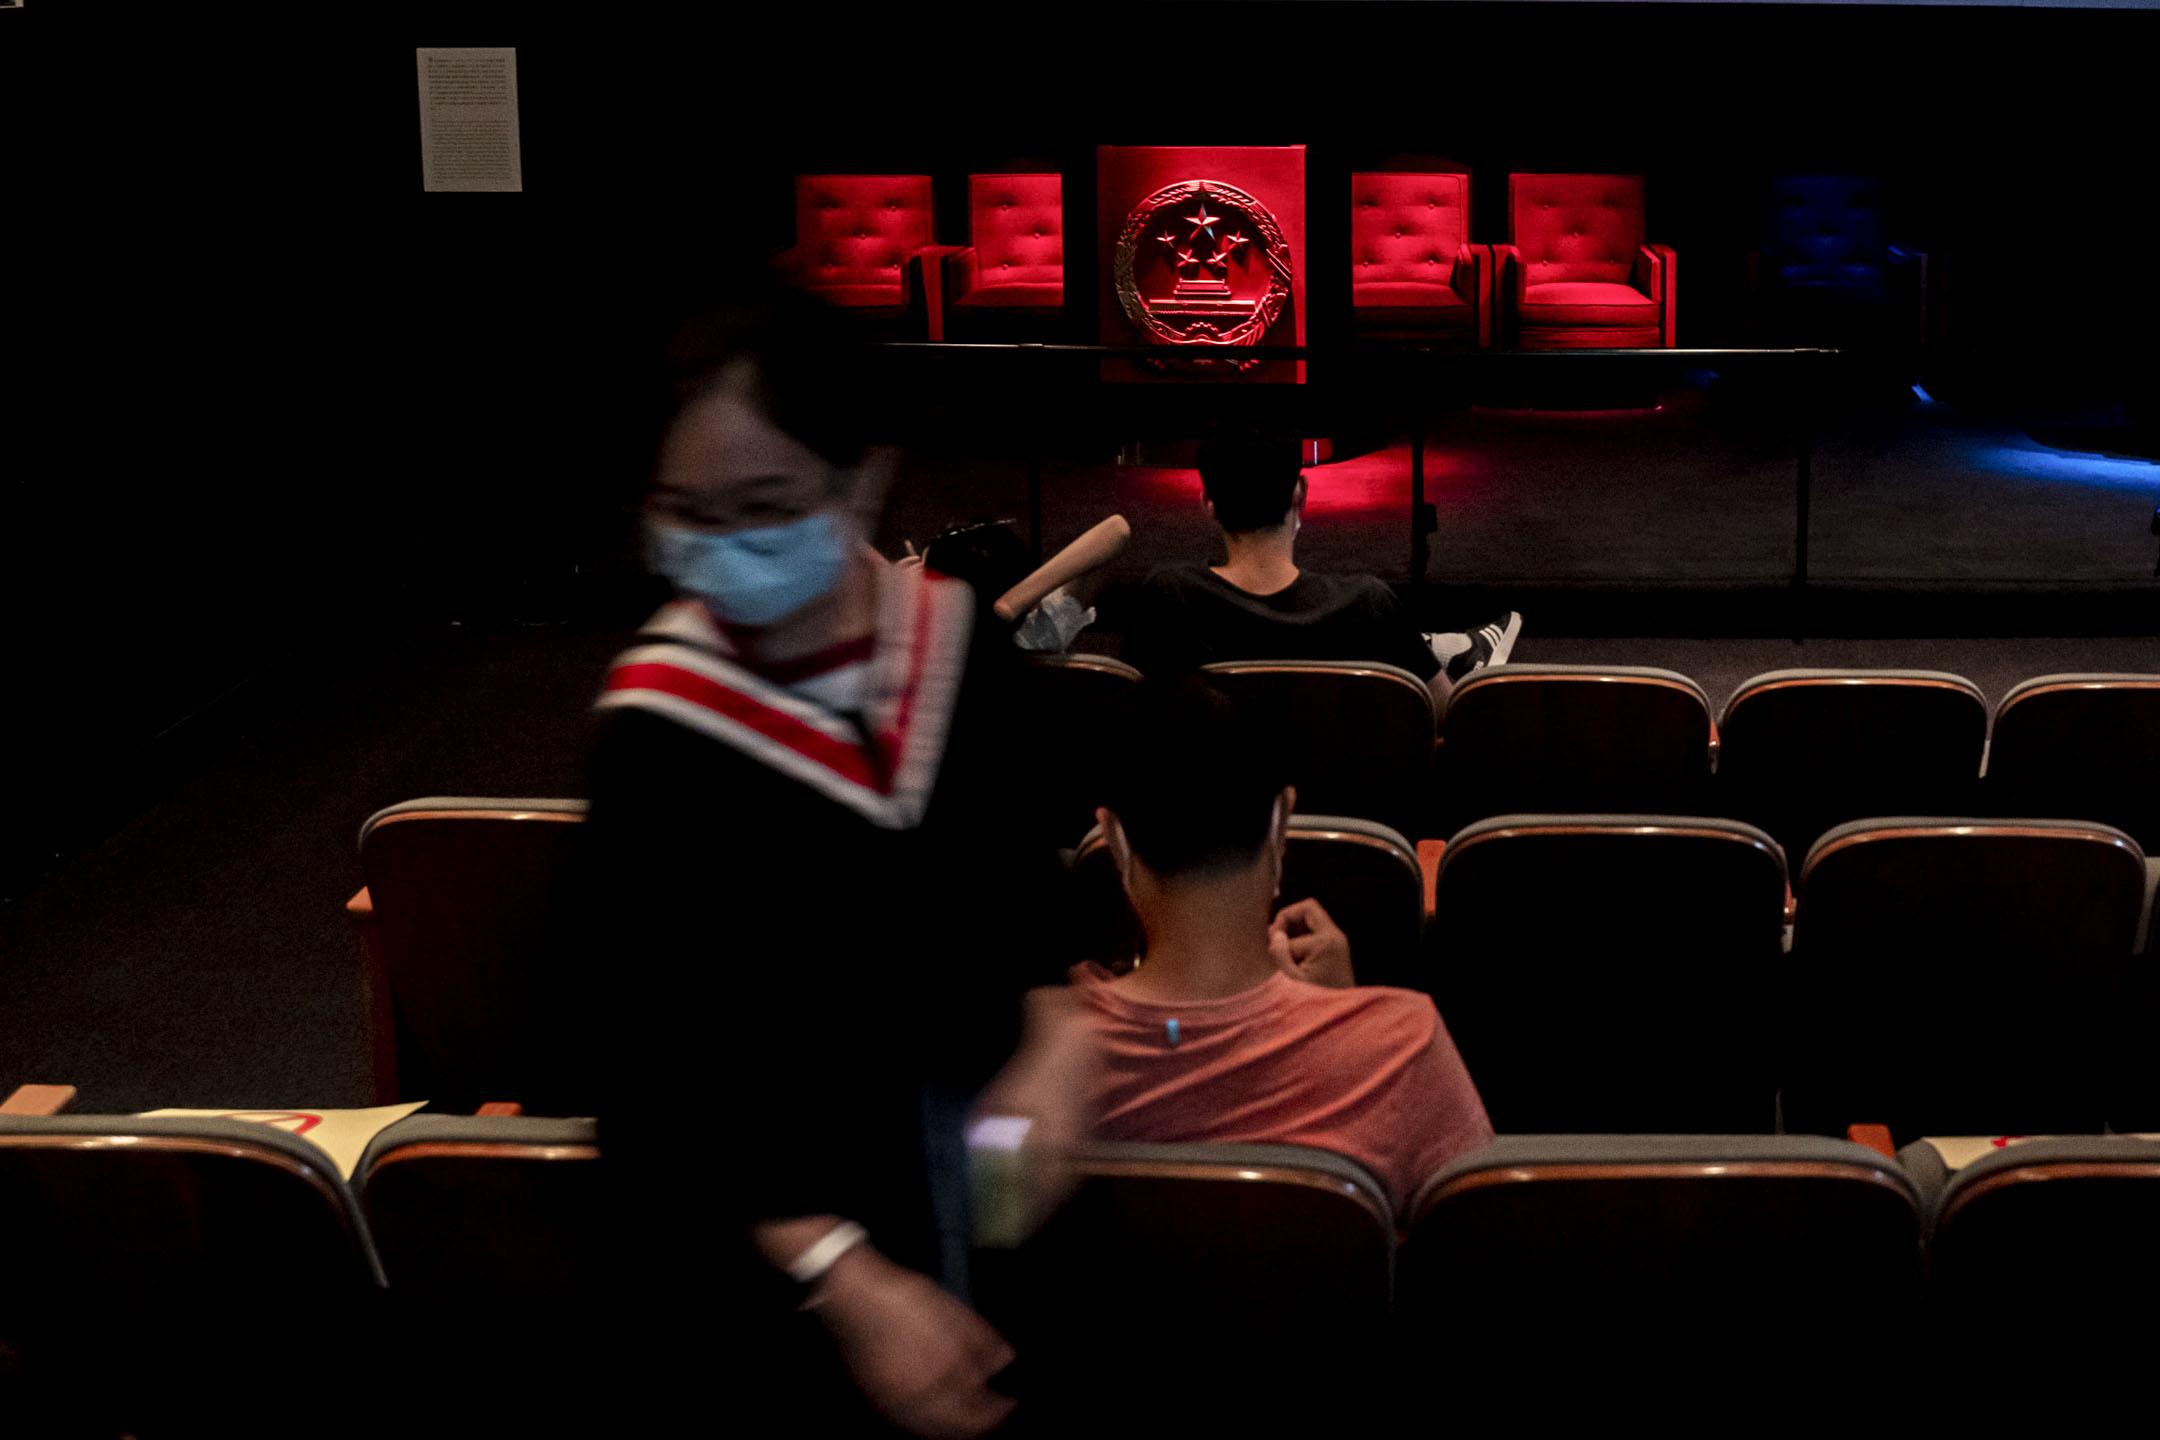 2020年7月5日,香港歷史博物館內,香港故事展覽其中的一個影片播放有關回歸的片段,有學生觀賞後離開。 攝:林振東/端傳媒